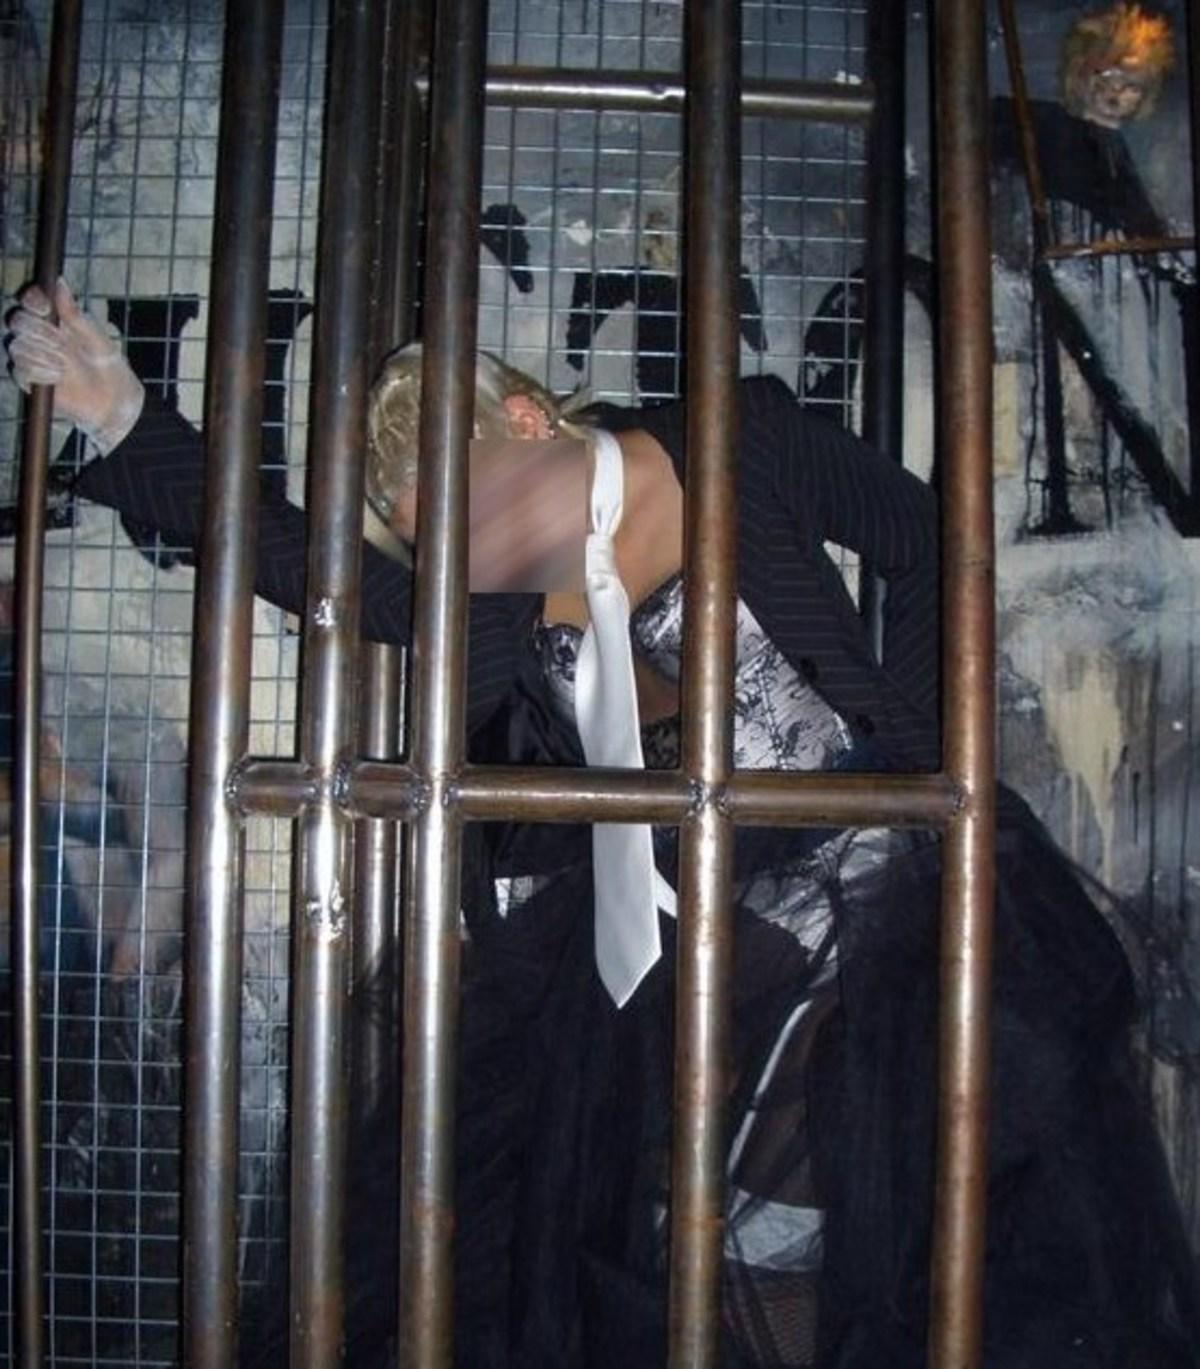 ΘΕΜΑ NEWSIT: Η αστυνόμος «χορεύτρια» αποκαλύπτει | Newsit.gr